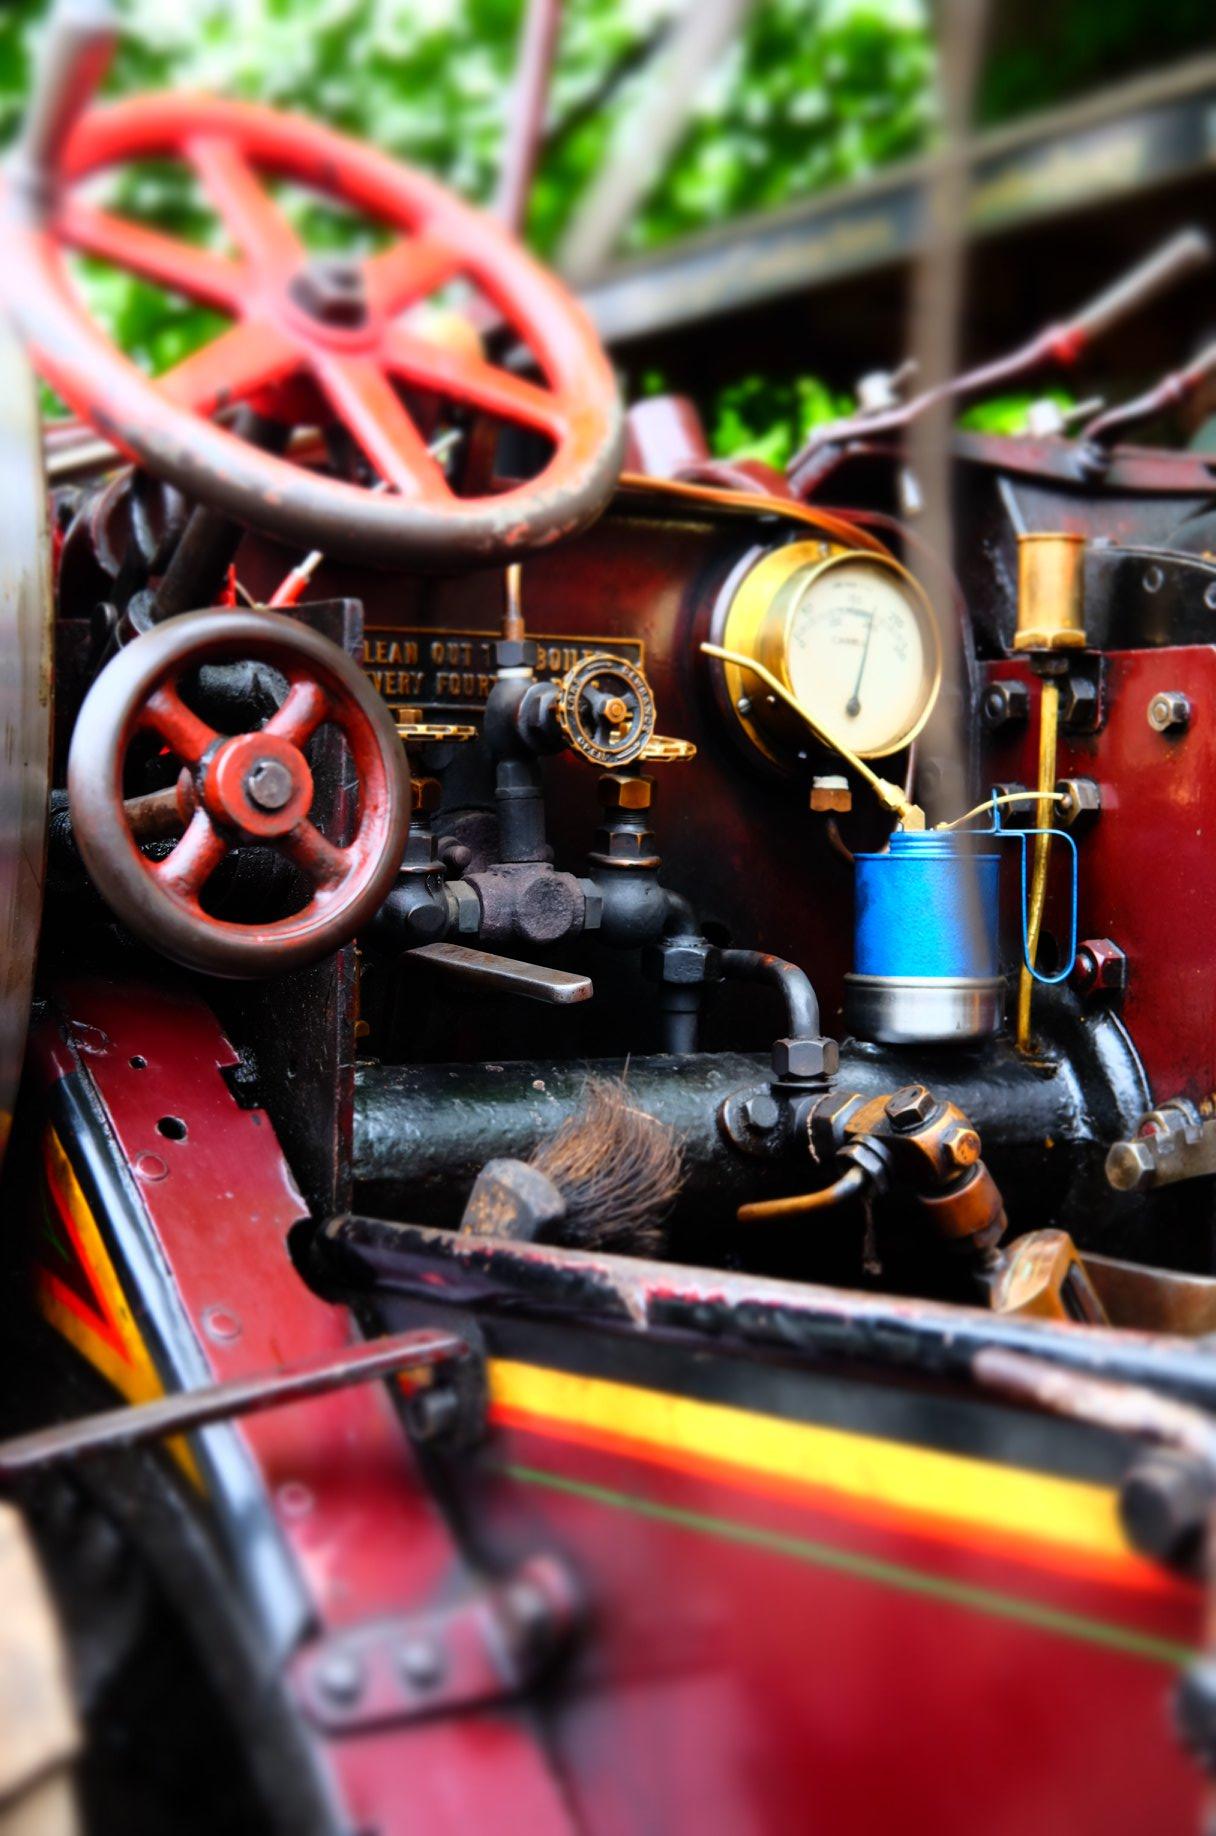 blackboys-steam-engine-rally-17